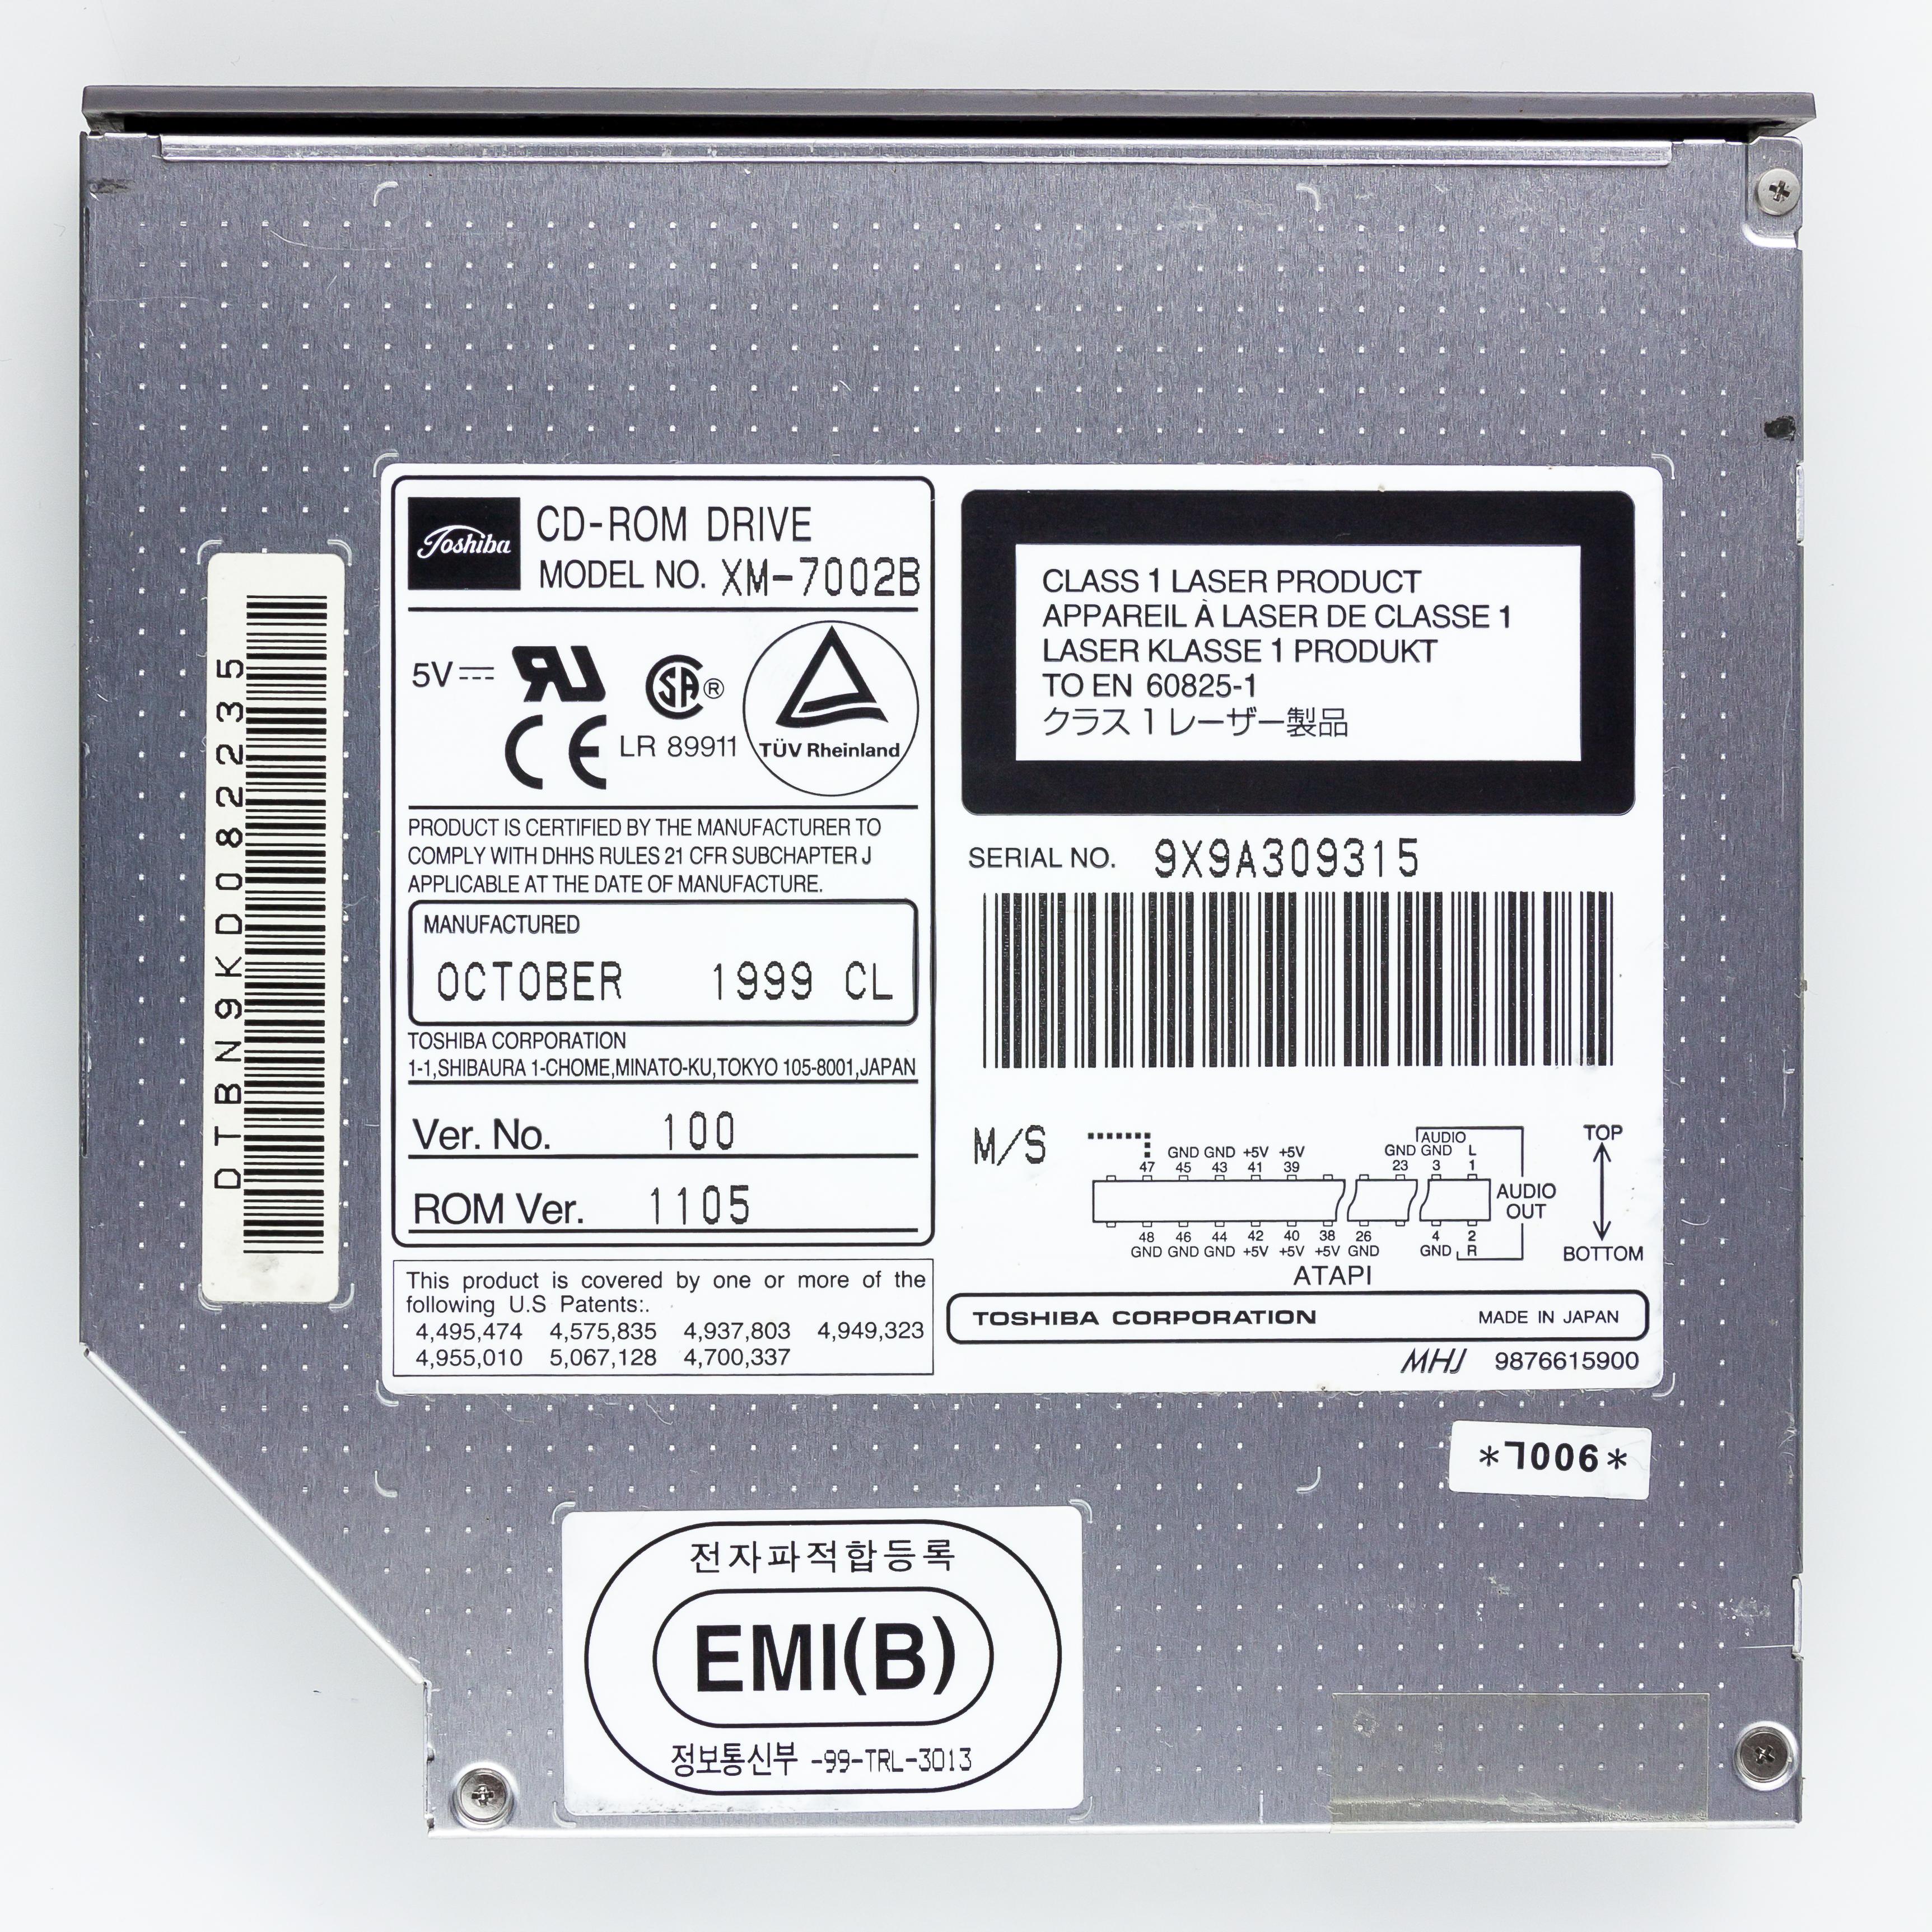 File:Toshiba XM-7002B-1168.jpg